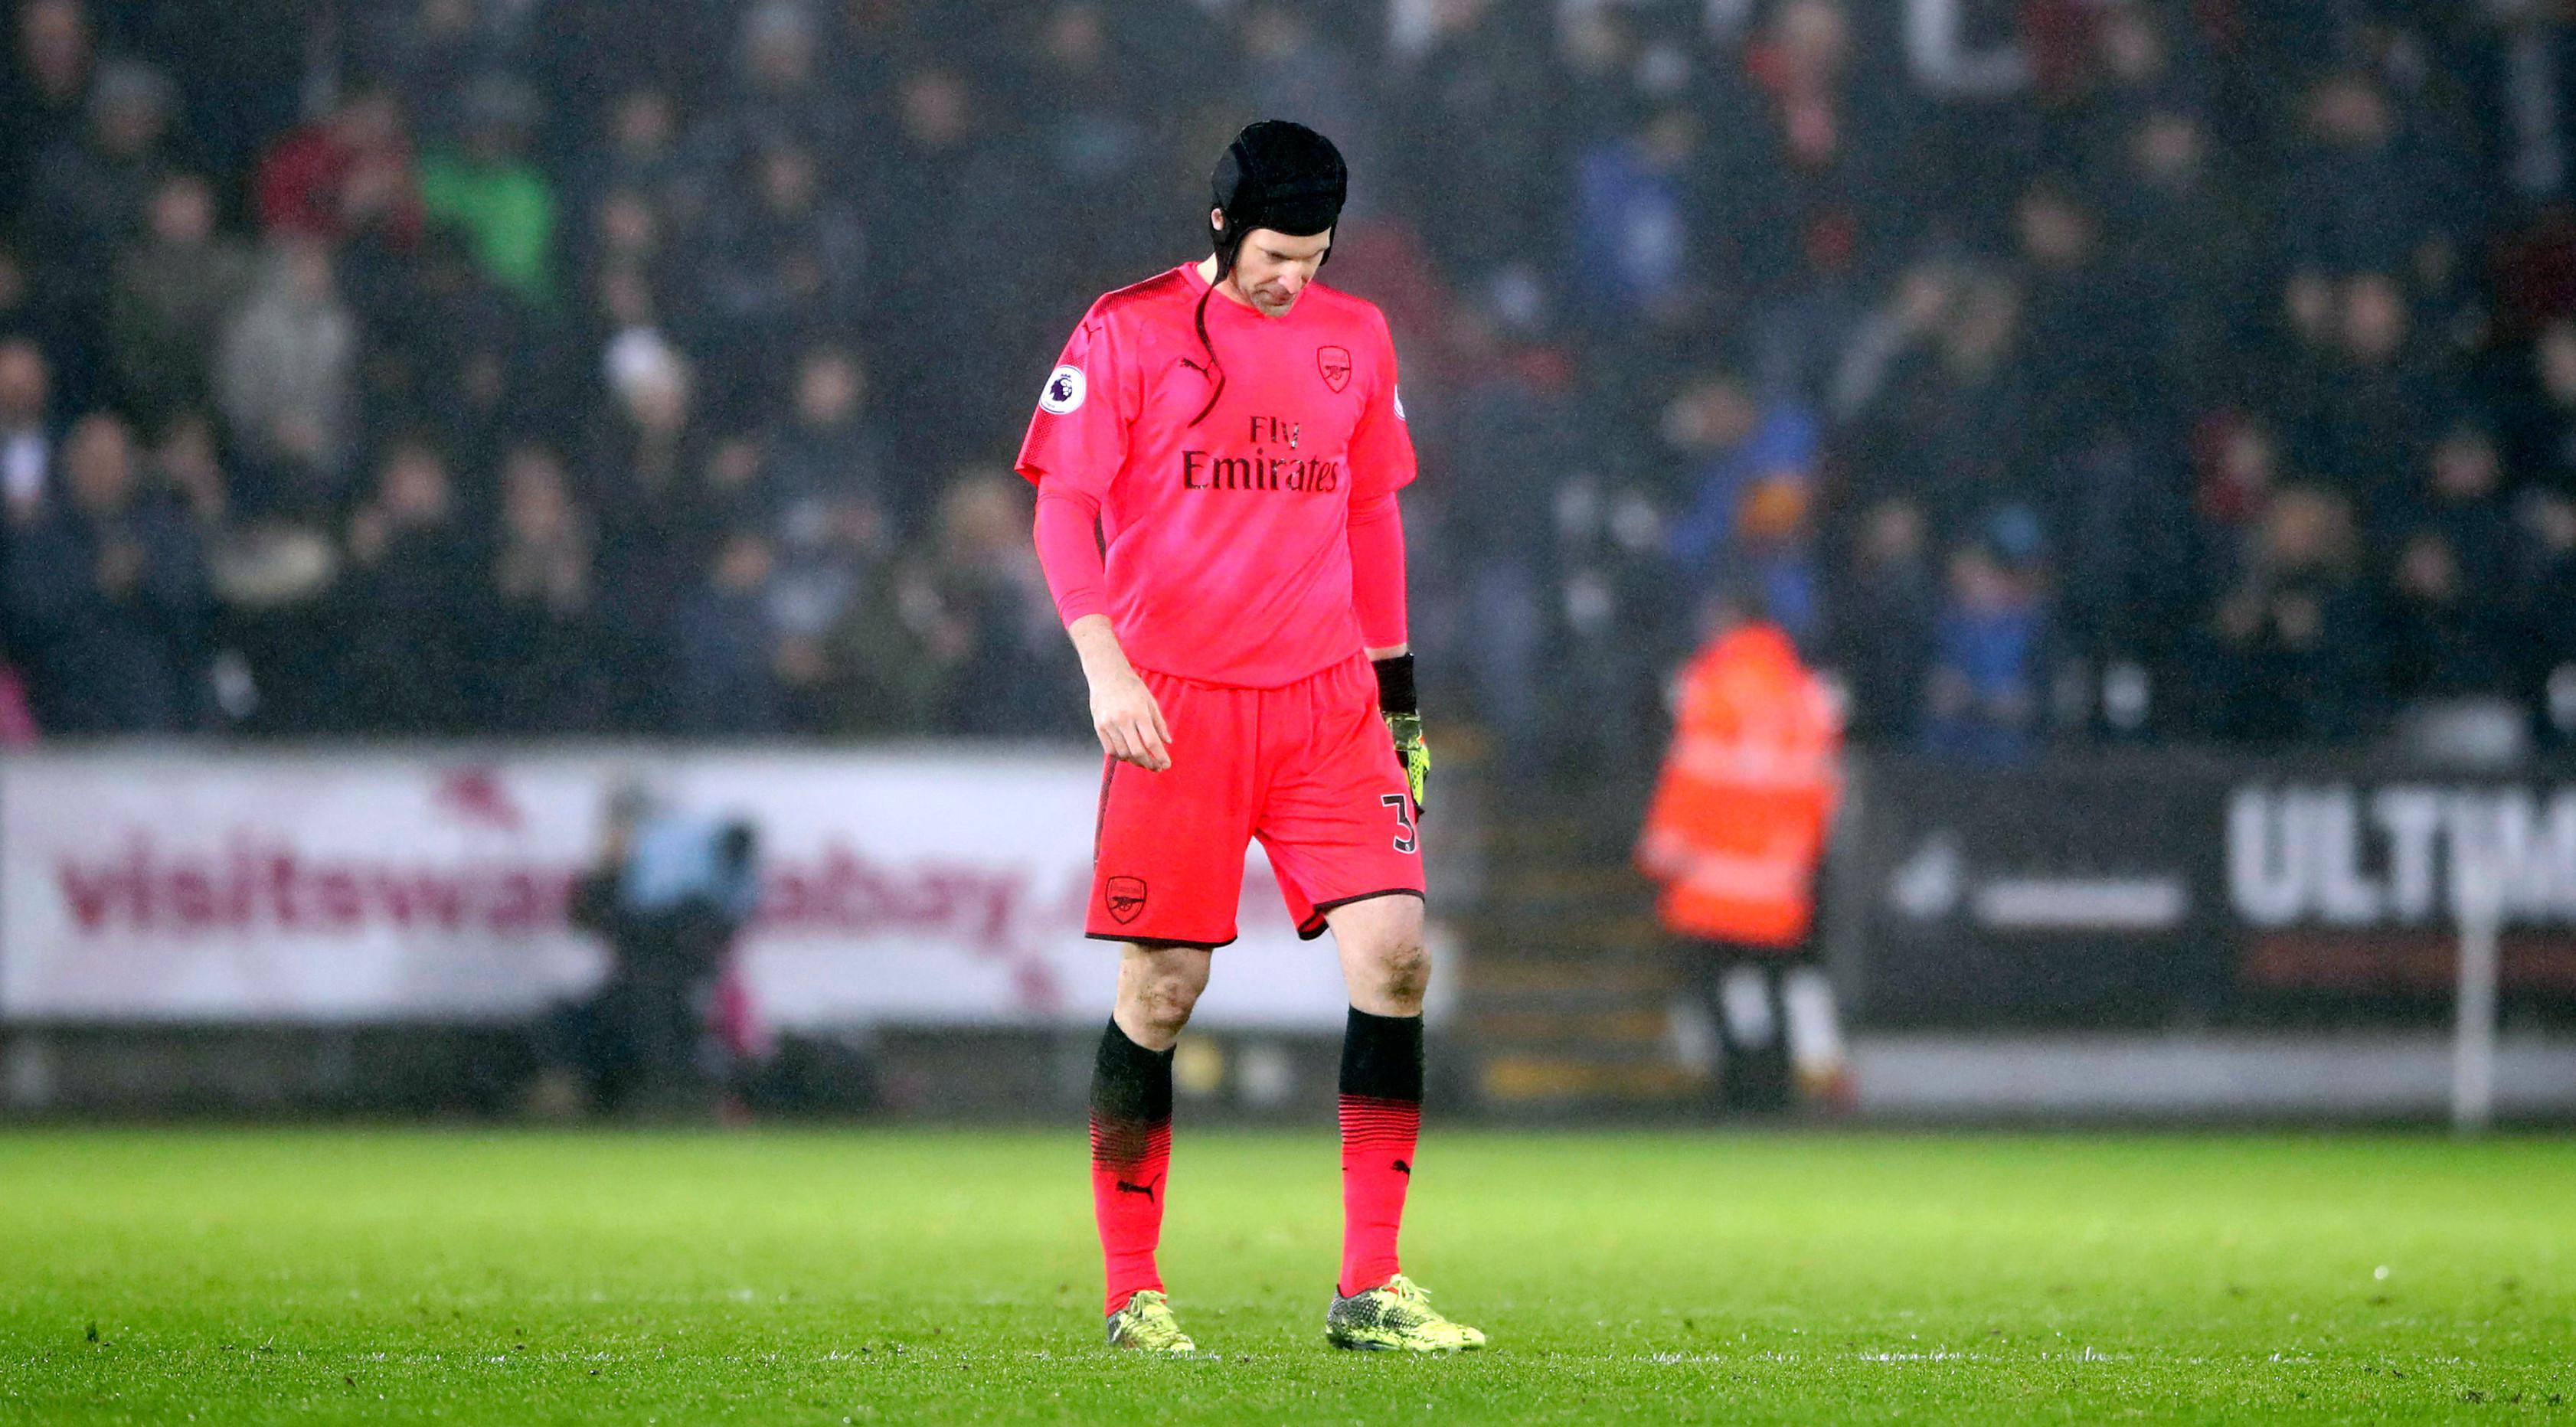 Kiper Arsenal, Petr Cech (Nick Potts/PA via AP)